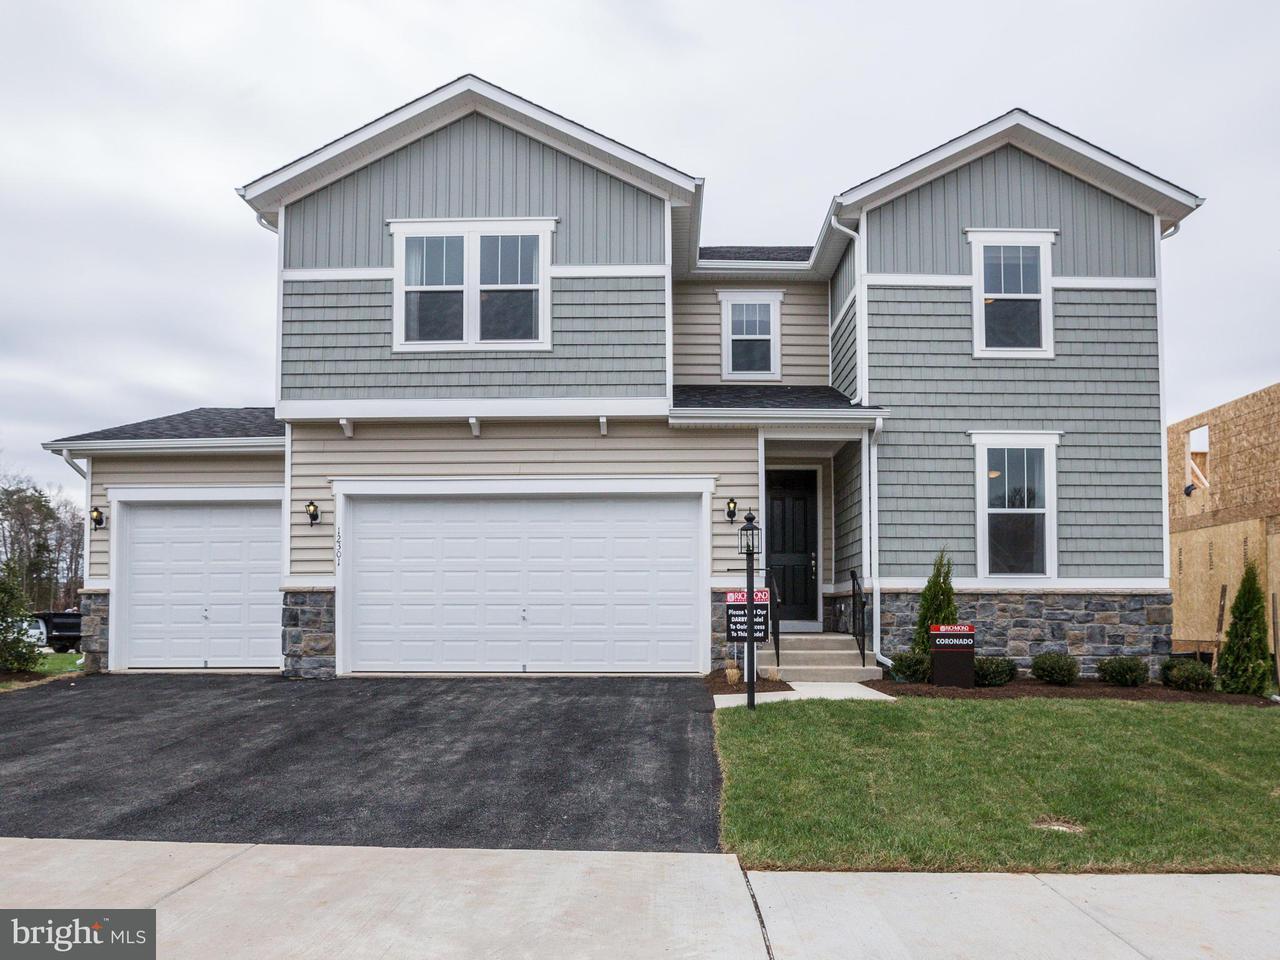 Частный односемейный дом для того Продажа на 12301 Saint Helena Ter 12301 Saint Helena Ter Bristow, Виргиния 20136 Соединенные Штаты